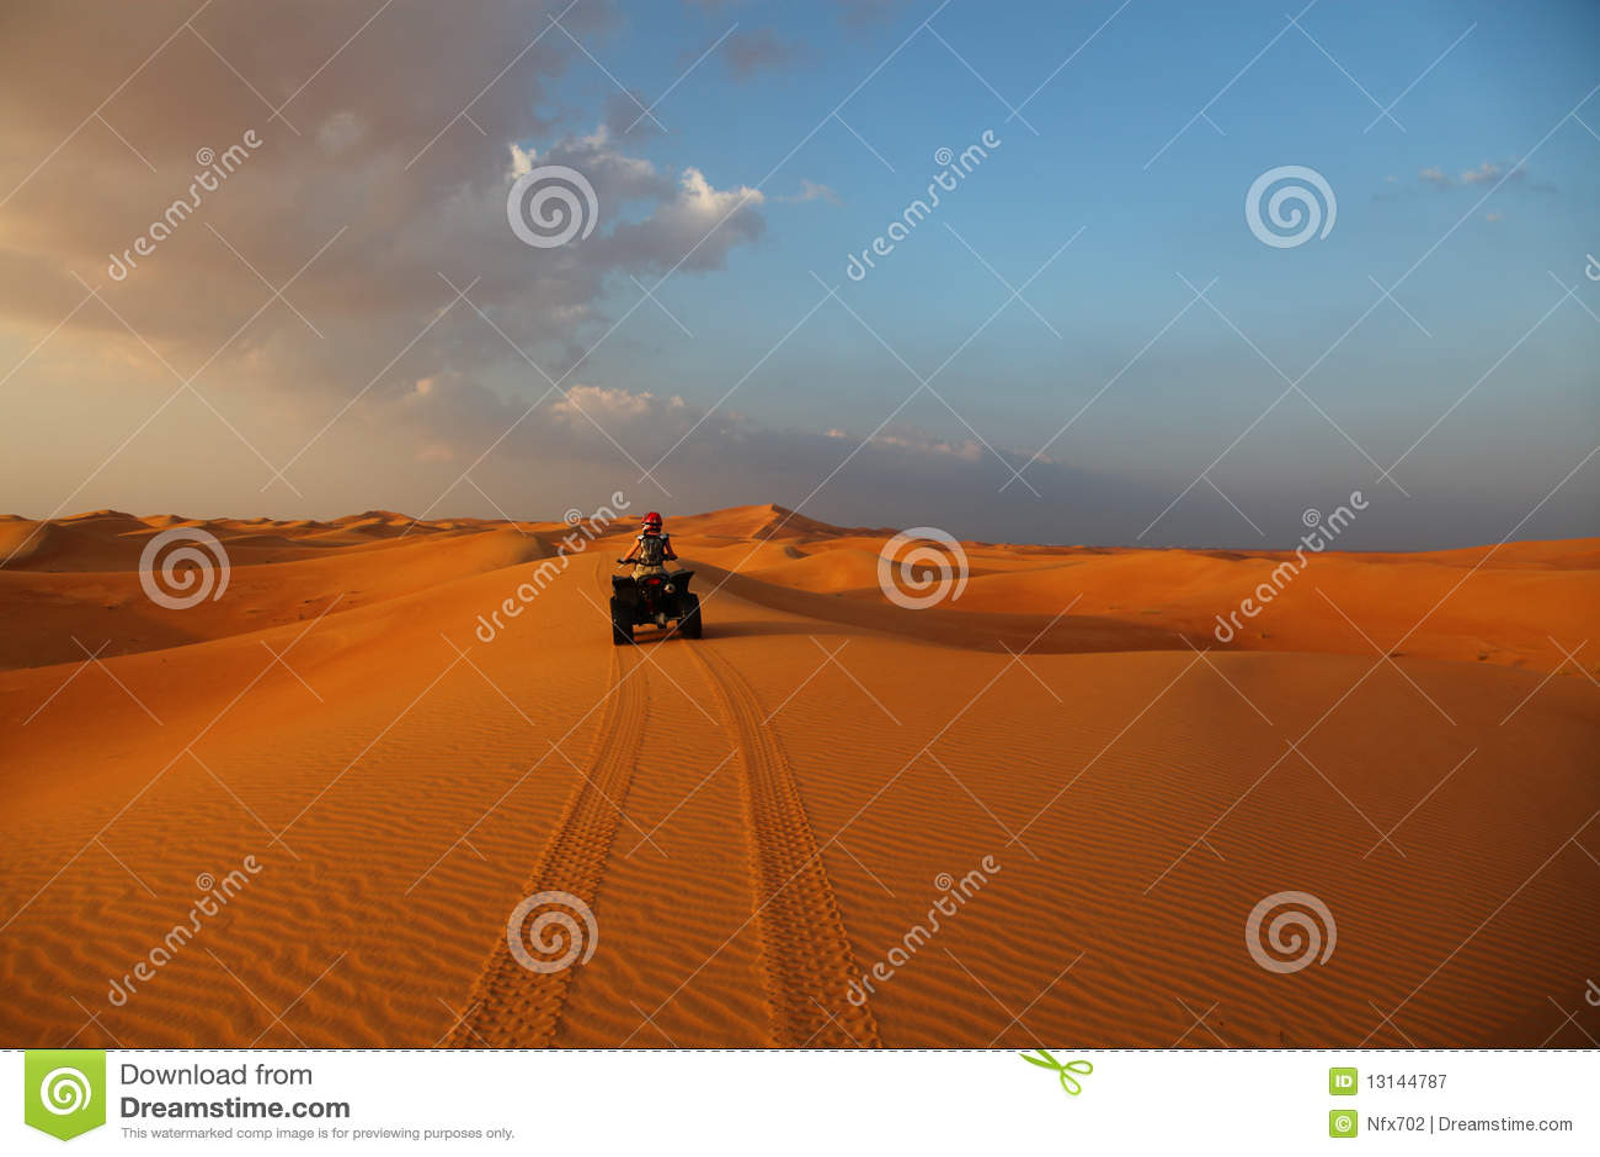 Atv沙漠乘驾